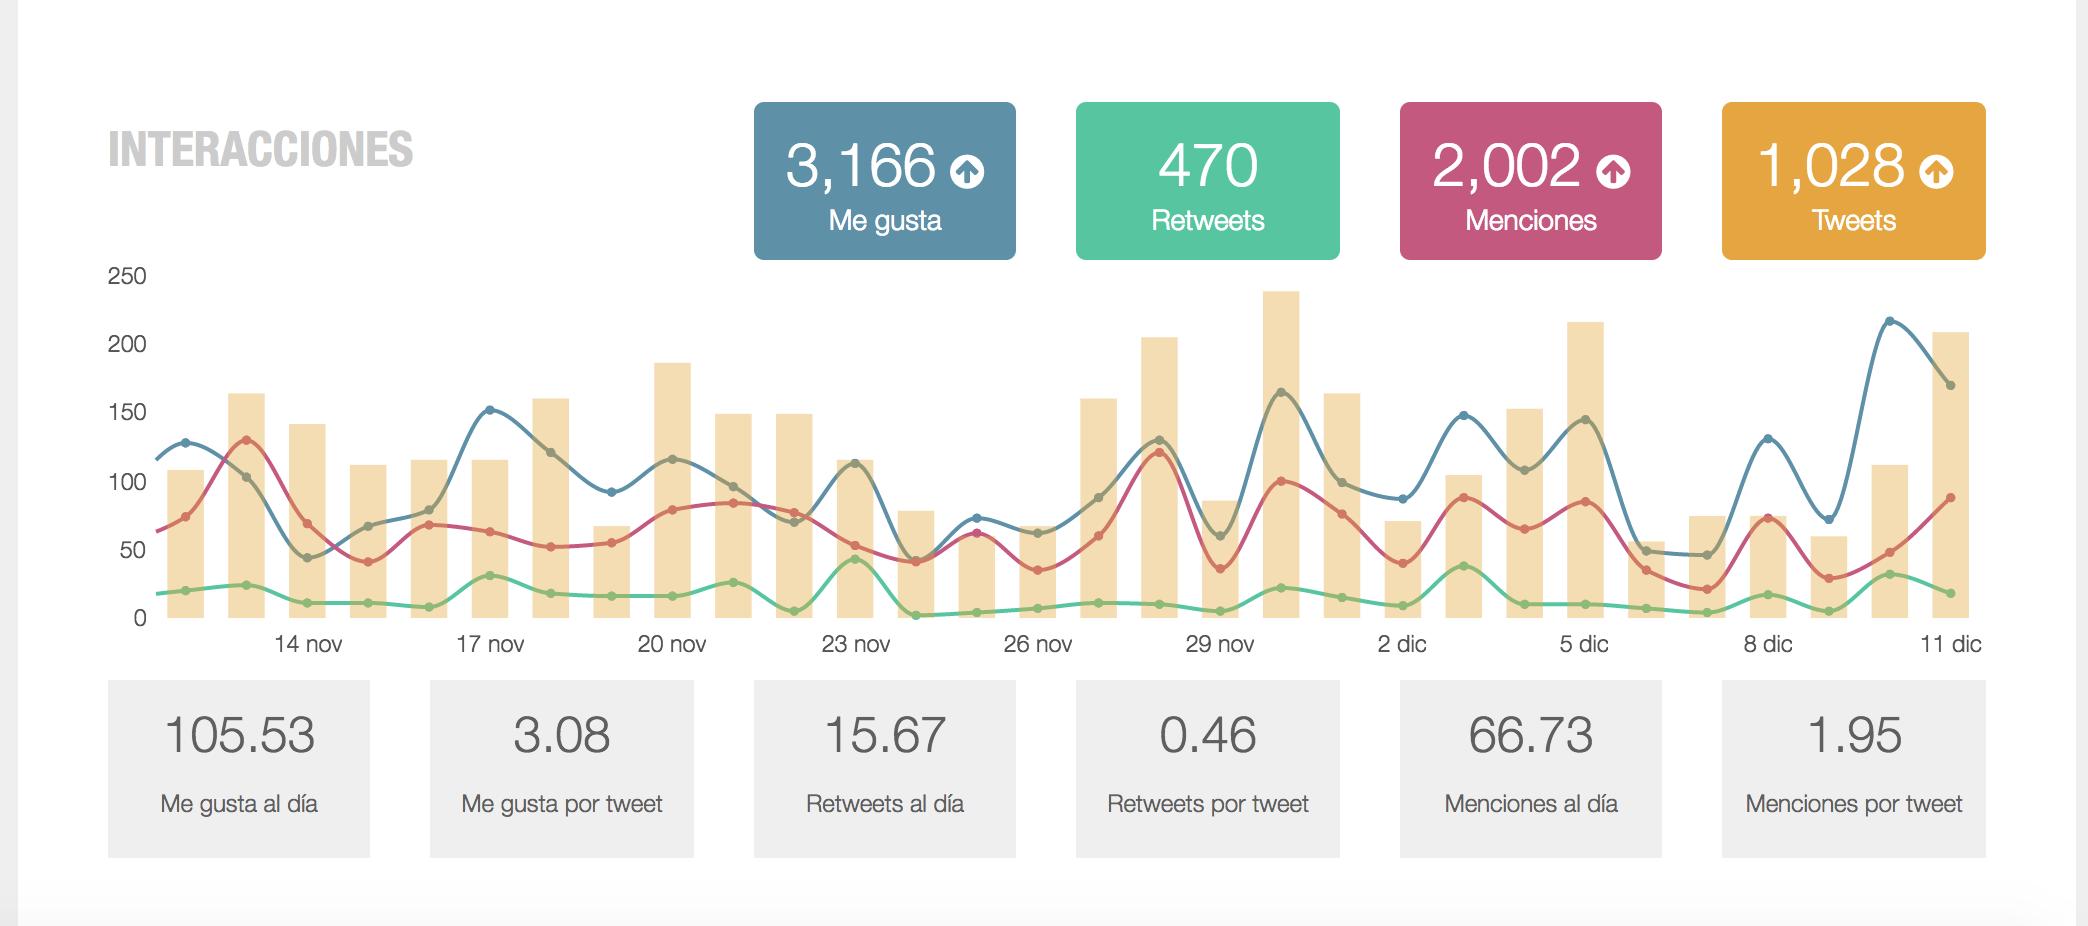 Análisis de Redes Sociales - Medición de interacciones Metricool